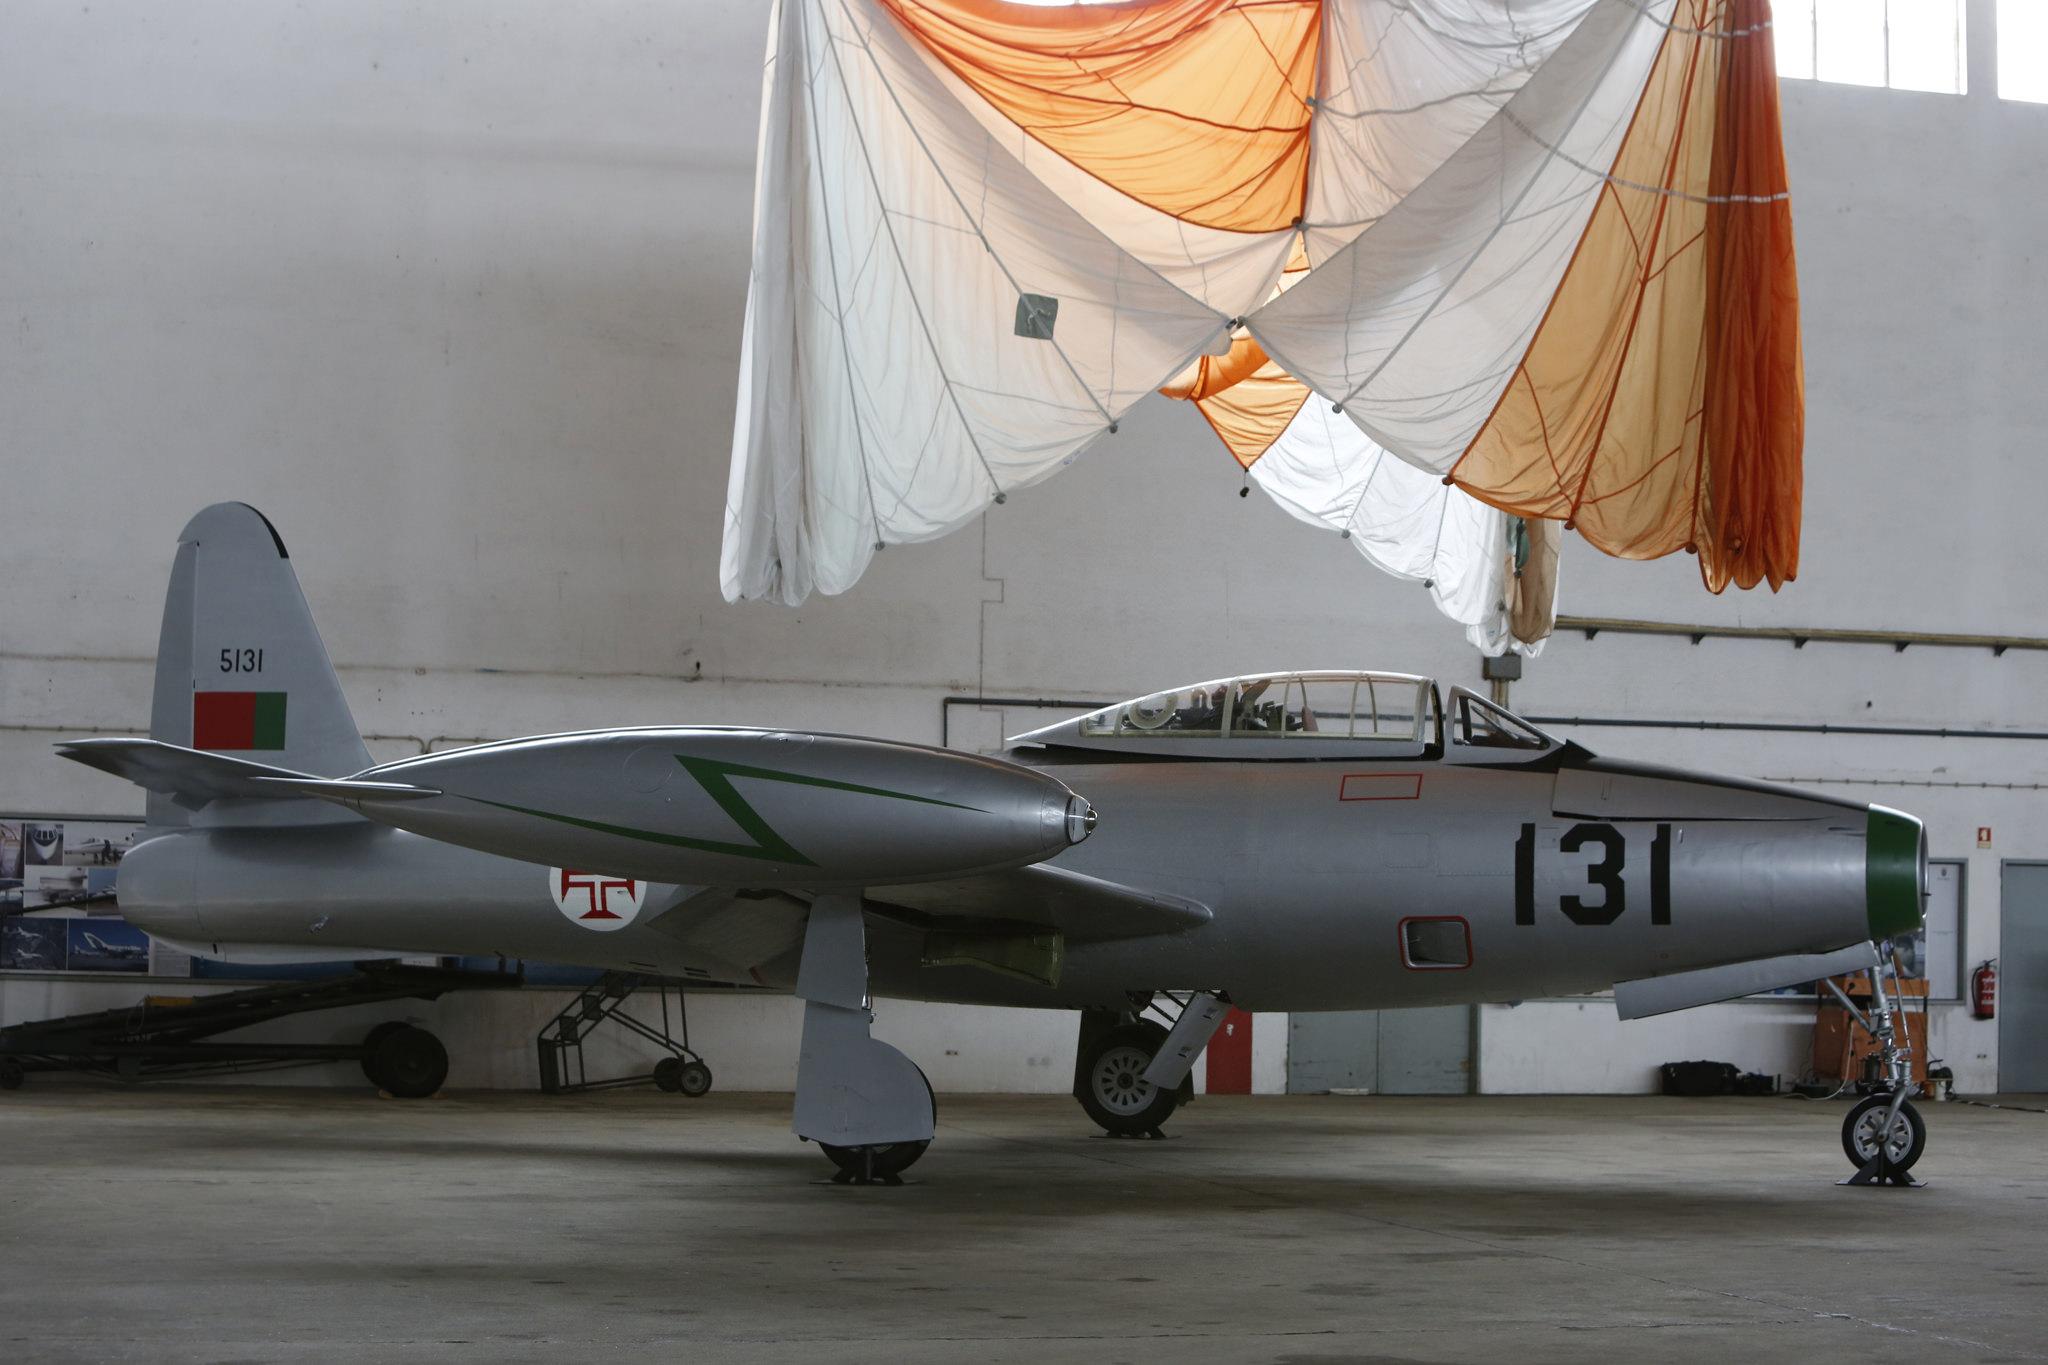 F-84G entregue ao Museu do Ar - foto 3 Forca Aerea Portuguesa